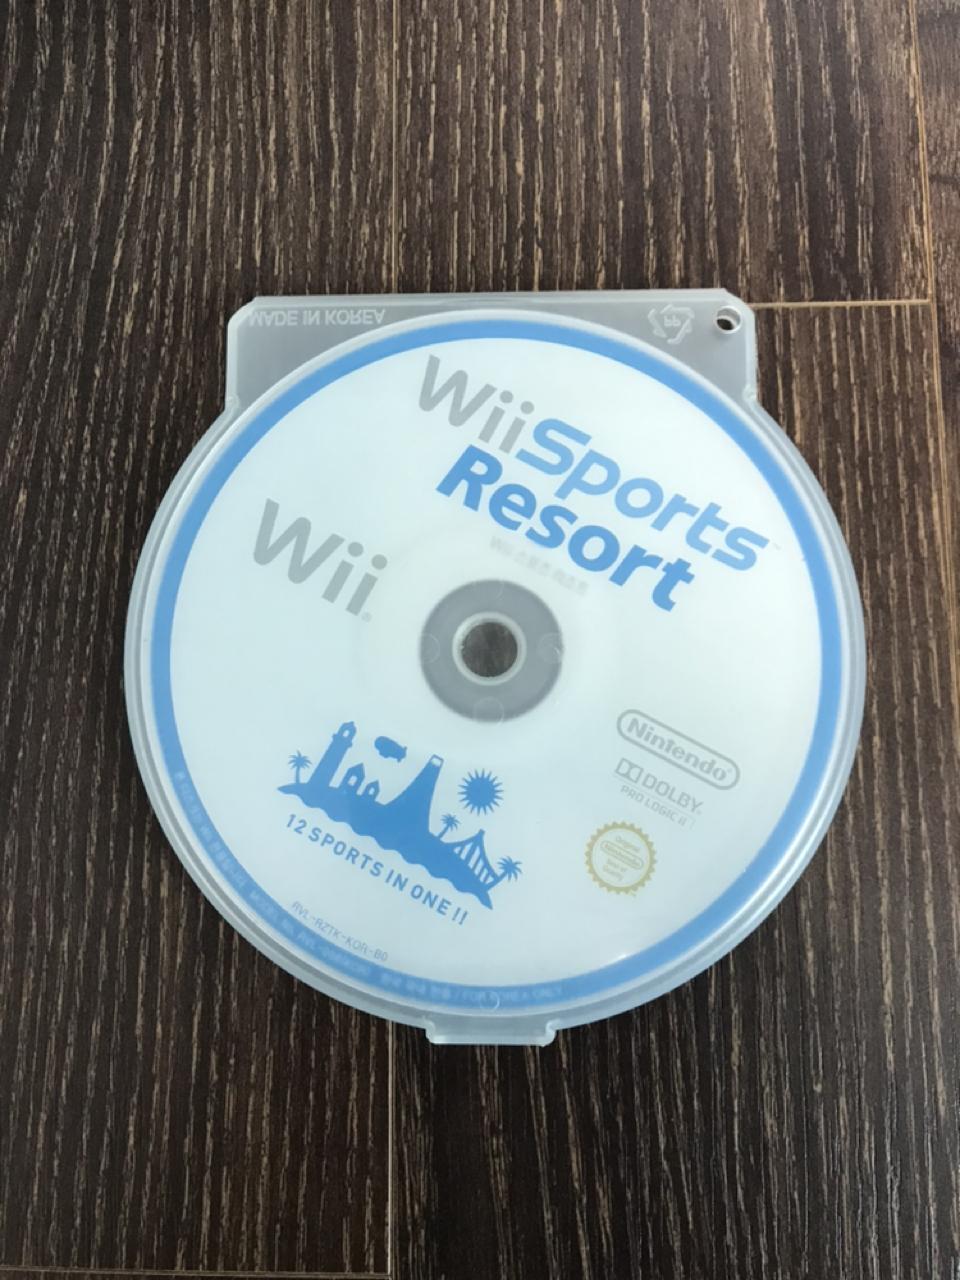 Wii Resort & Fit